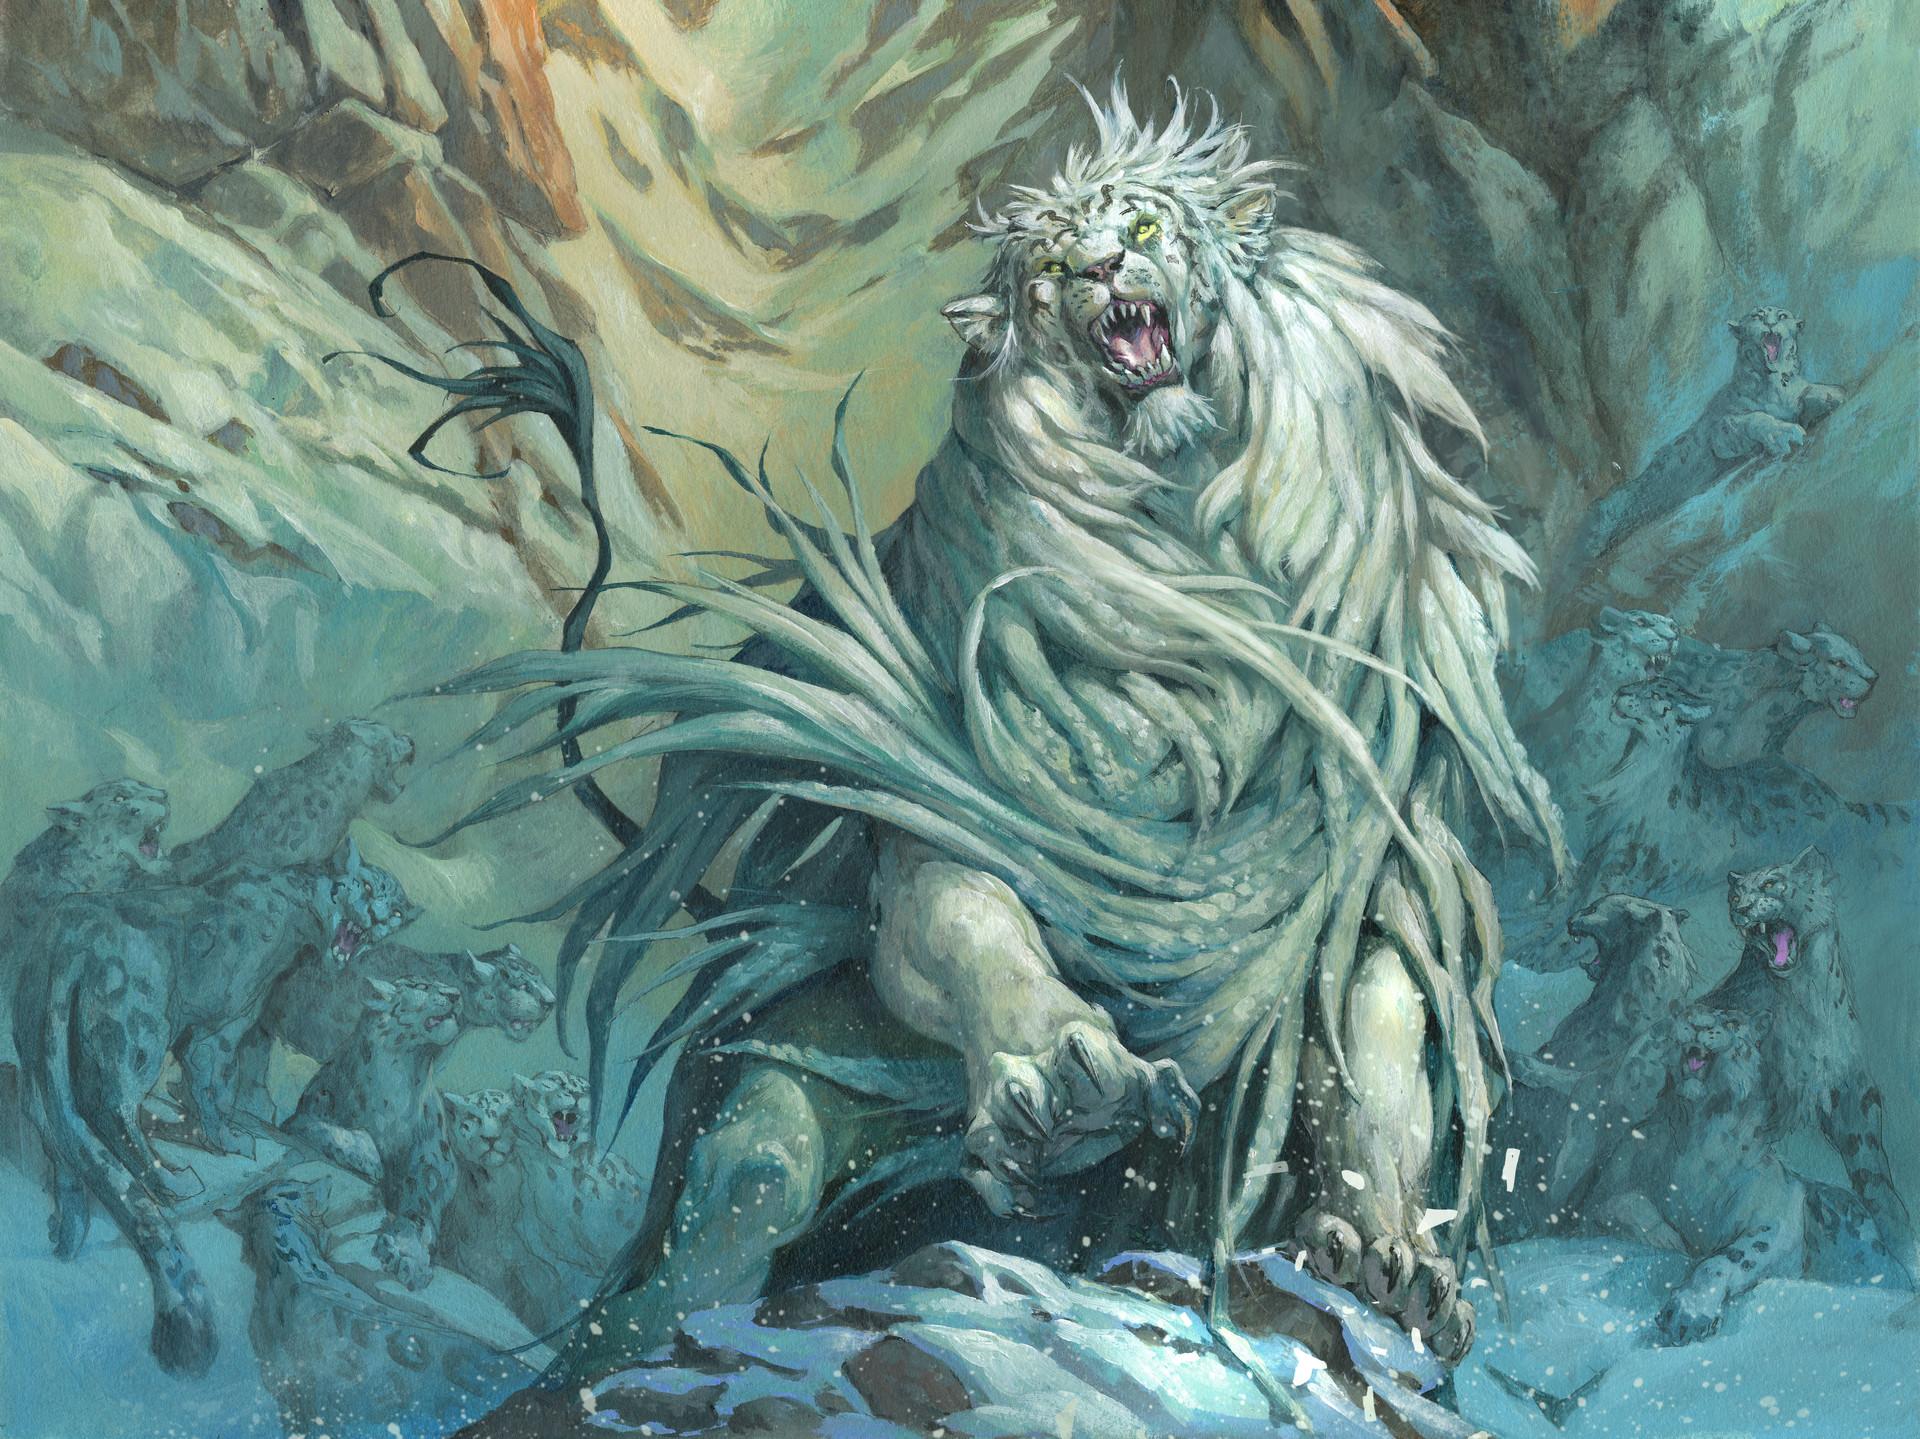 Arahbo, Roar of the World | Illustration by Jesper Ejsing